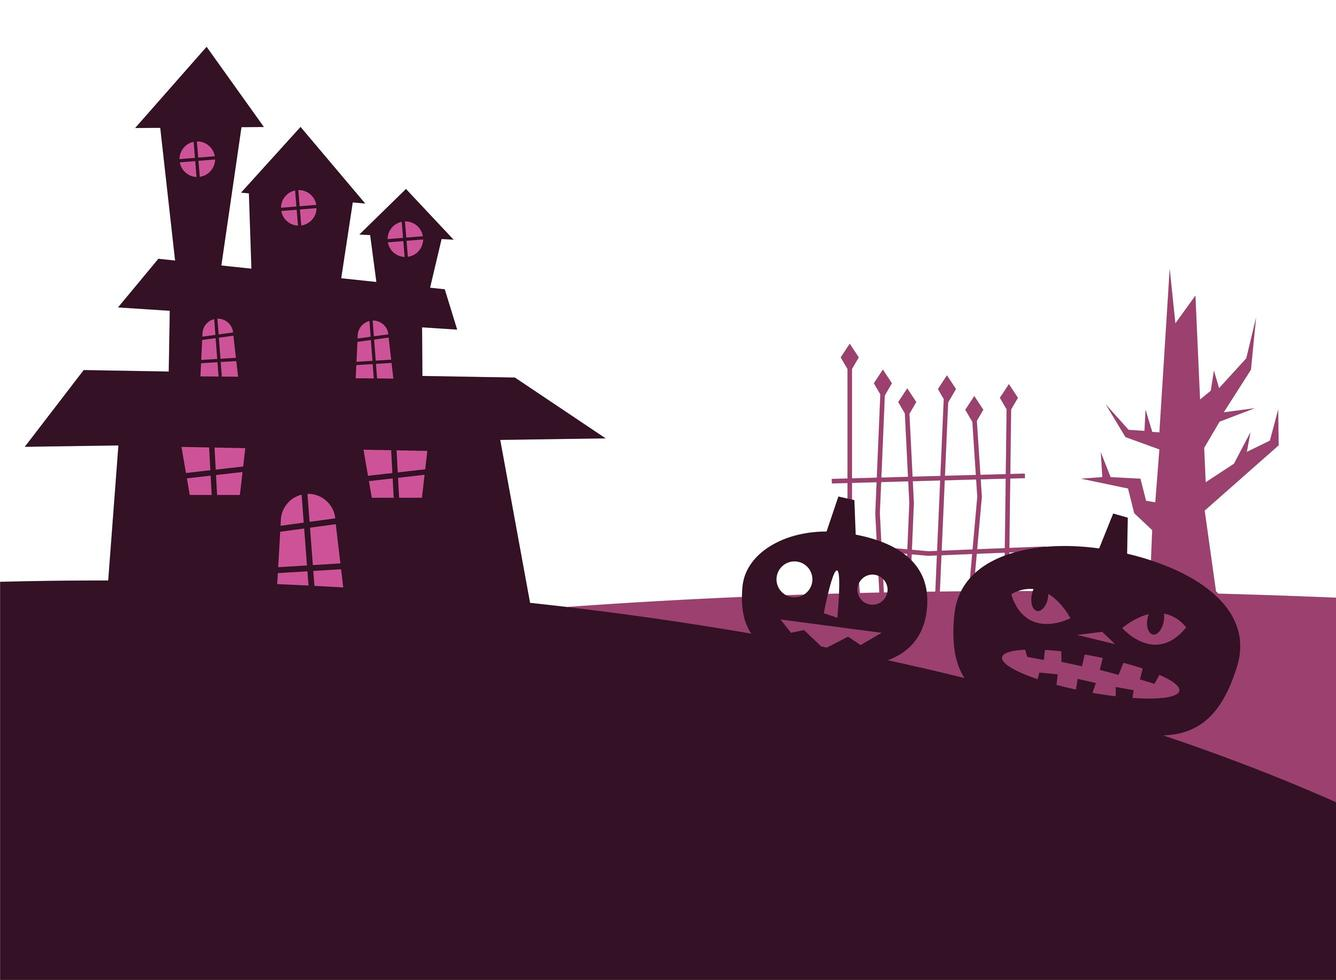 citrouilles d'halloween et conception de vecteur de maison